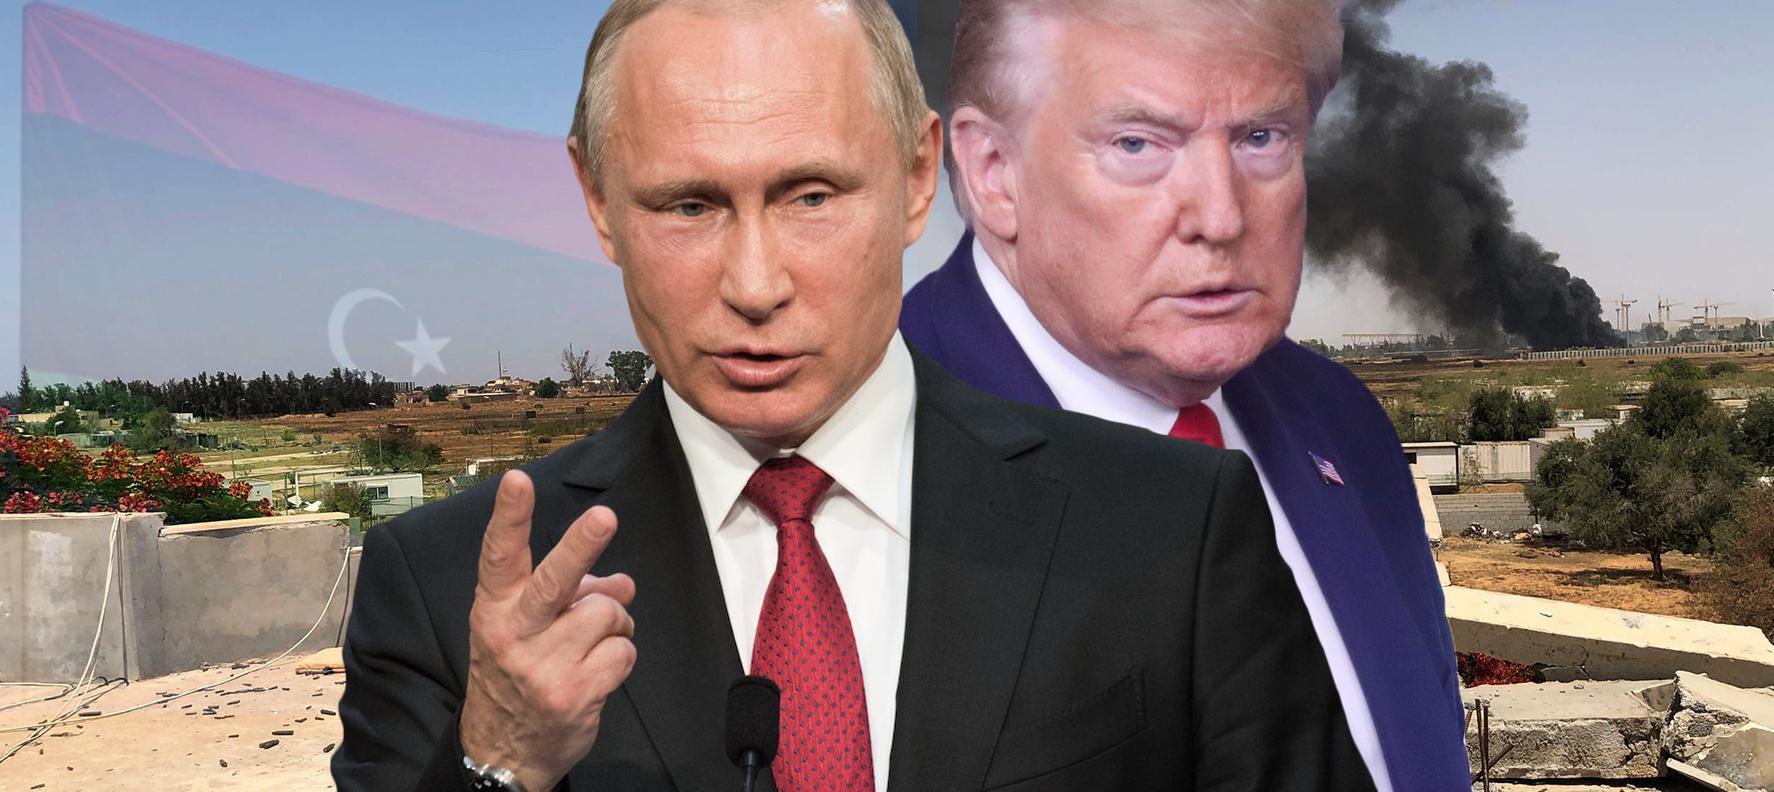 ترامب - بوتين - اشتباكات طرابلس